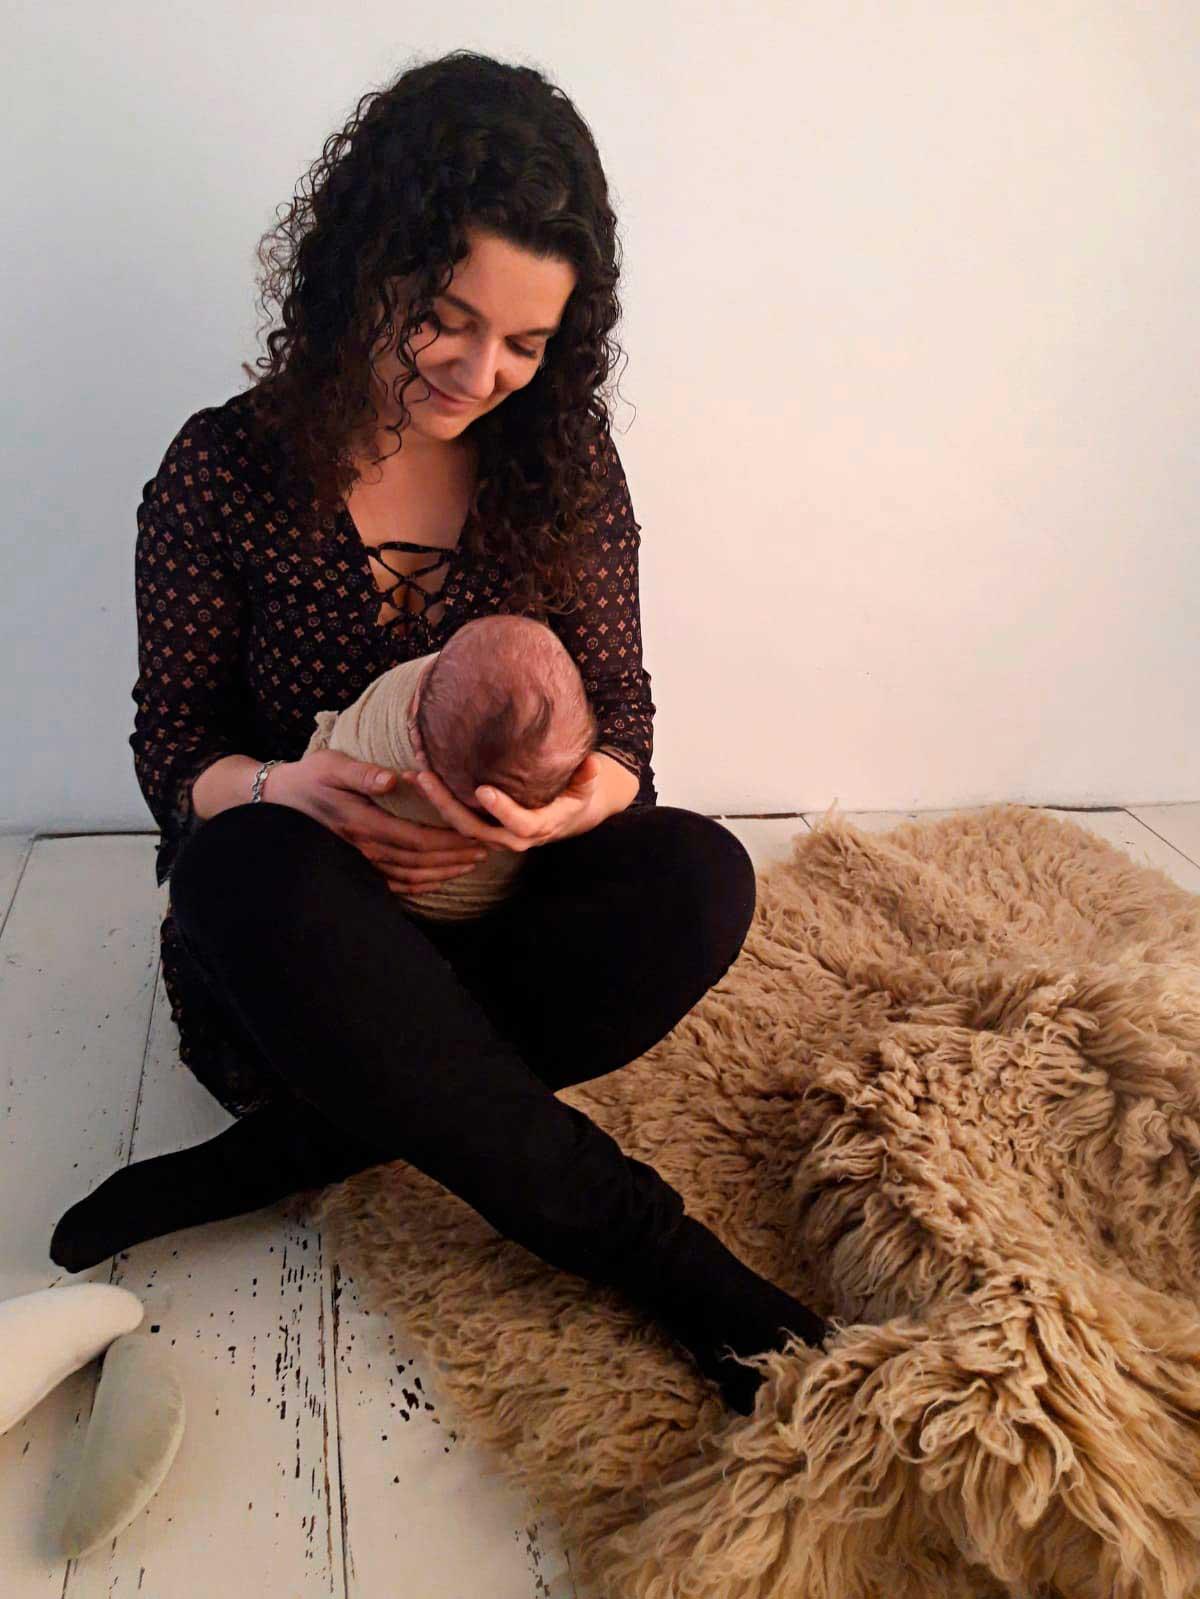 Donatella Gallory, Servizi fotografici newborn e gravidanza a Firenze